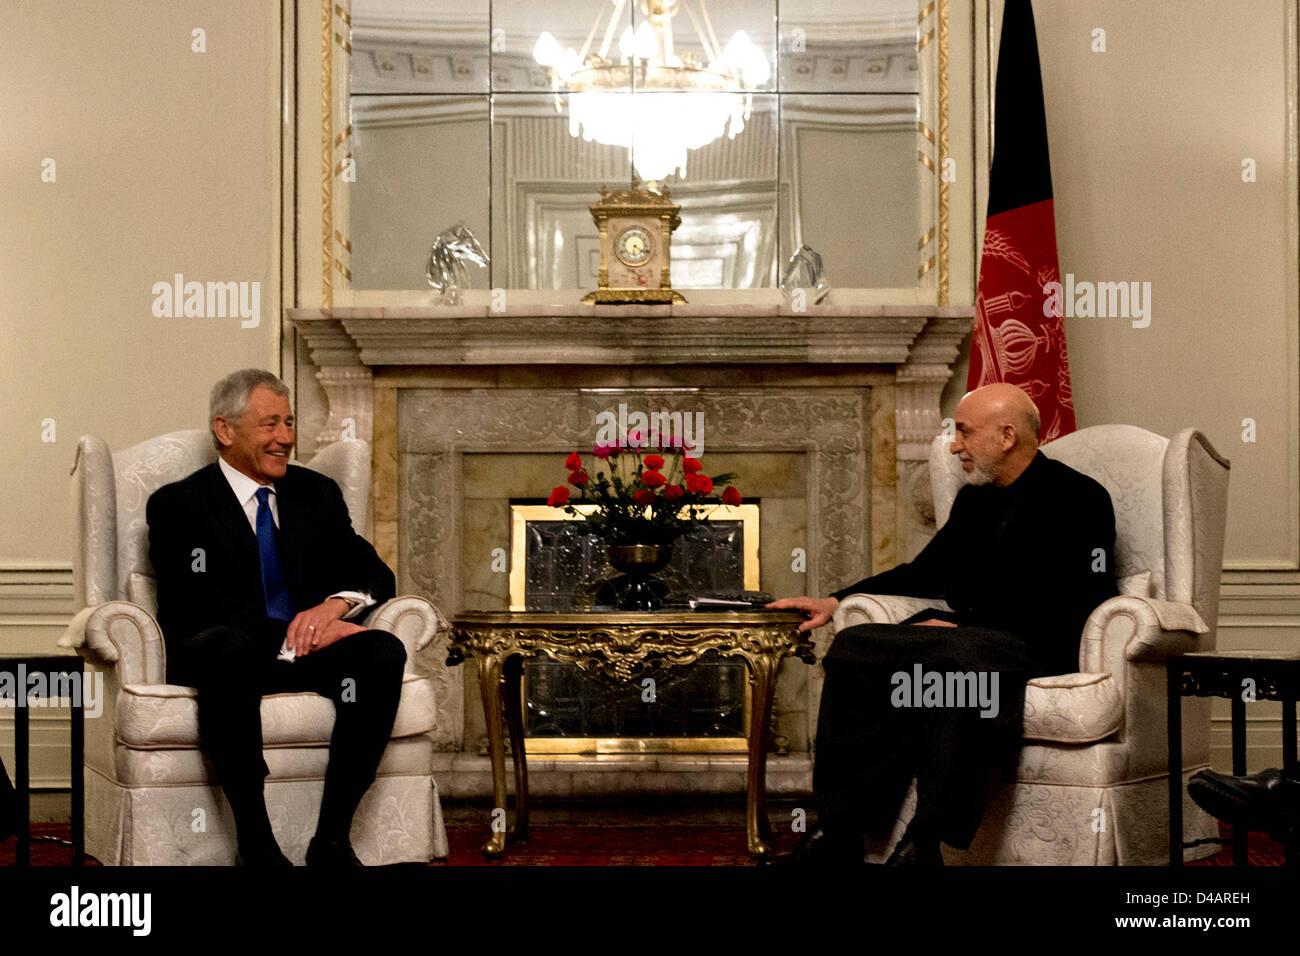 El Secretario de Defensa de EE.UU Chuck Hagel se reúne con el presidente afgano, Hamid Karzai, el 10 de marzo Imagen De Stock